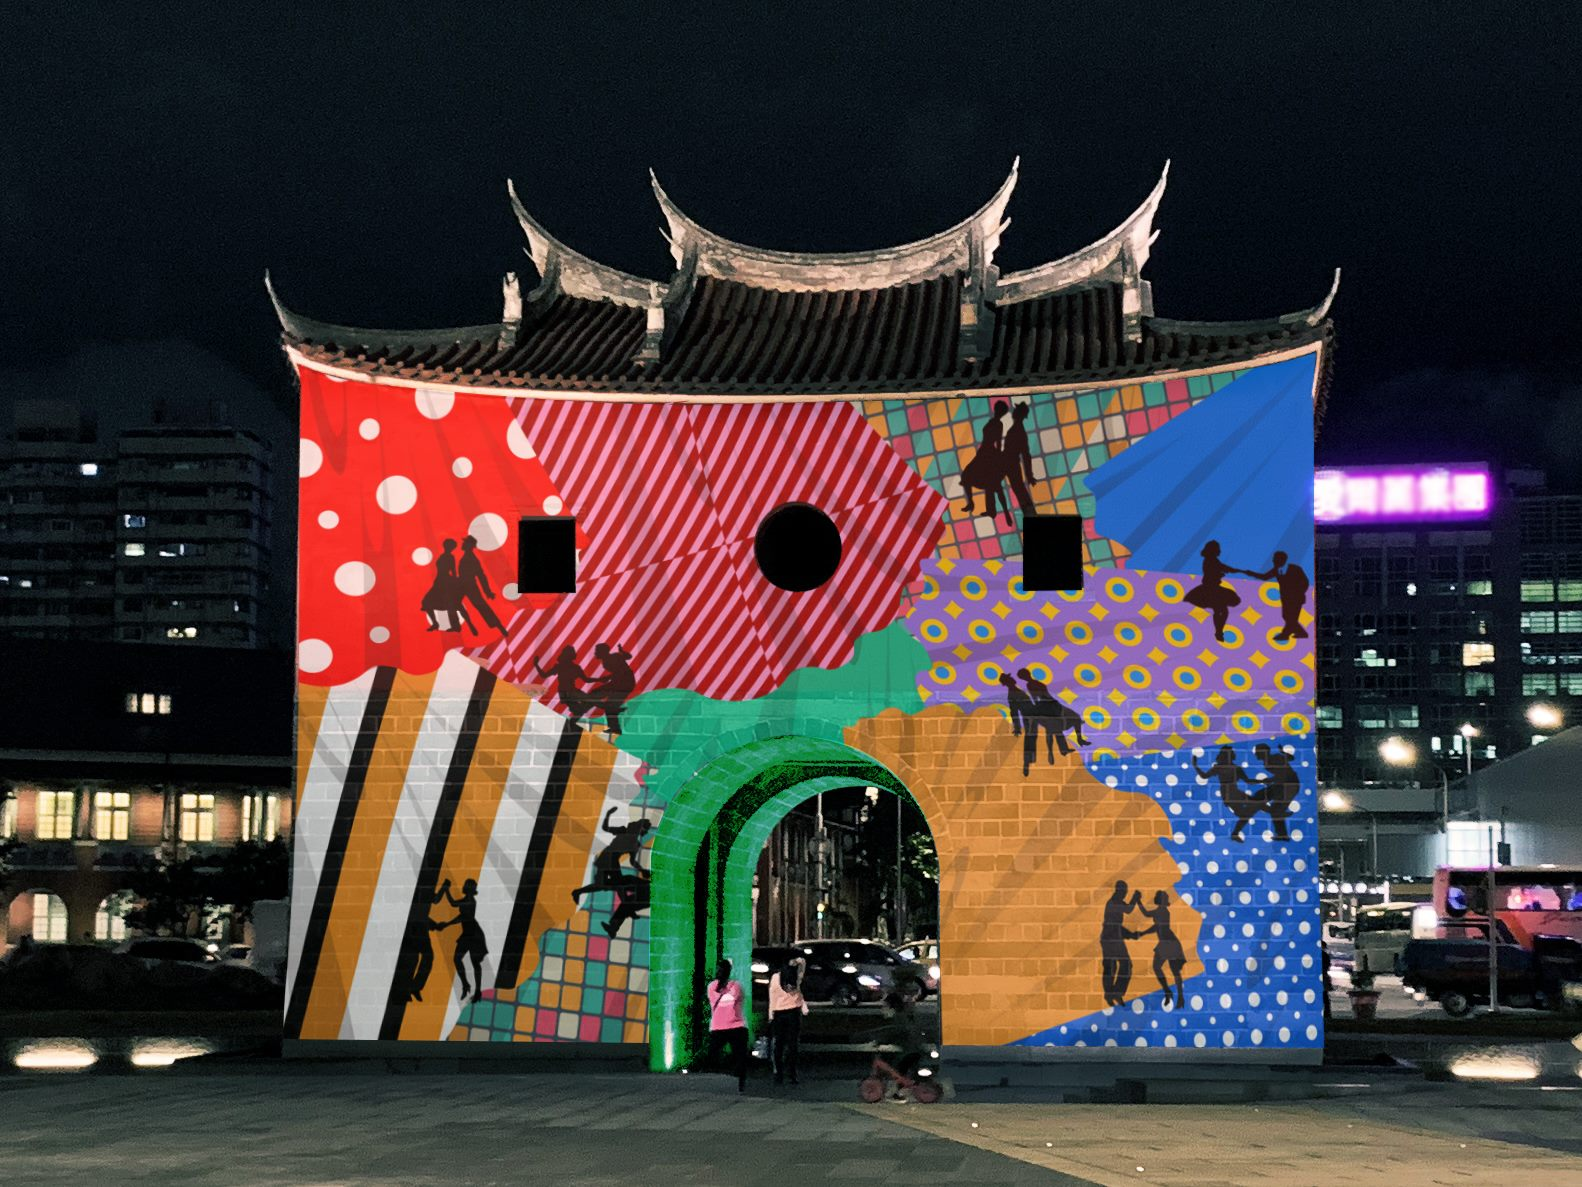 結合音樂與舞蹈的「搖擺北門」,讓台北城的風華歲月透過光雕投影與演員演繹,將帶來全新視聽覺饗宴。